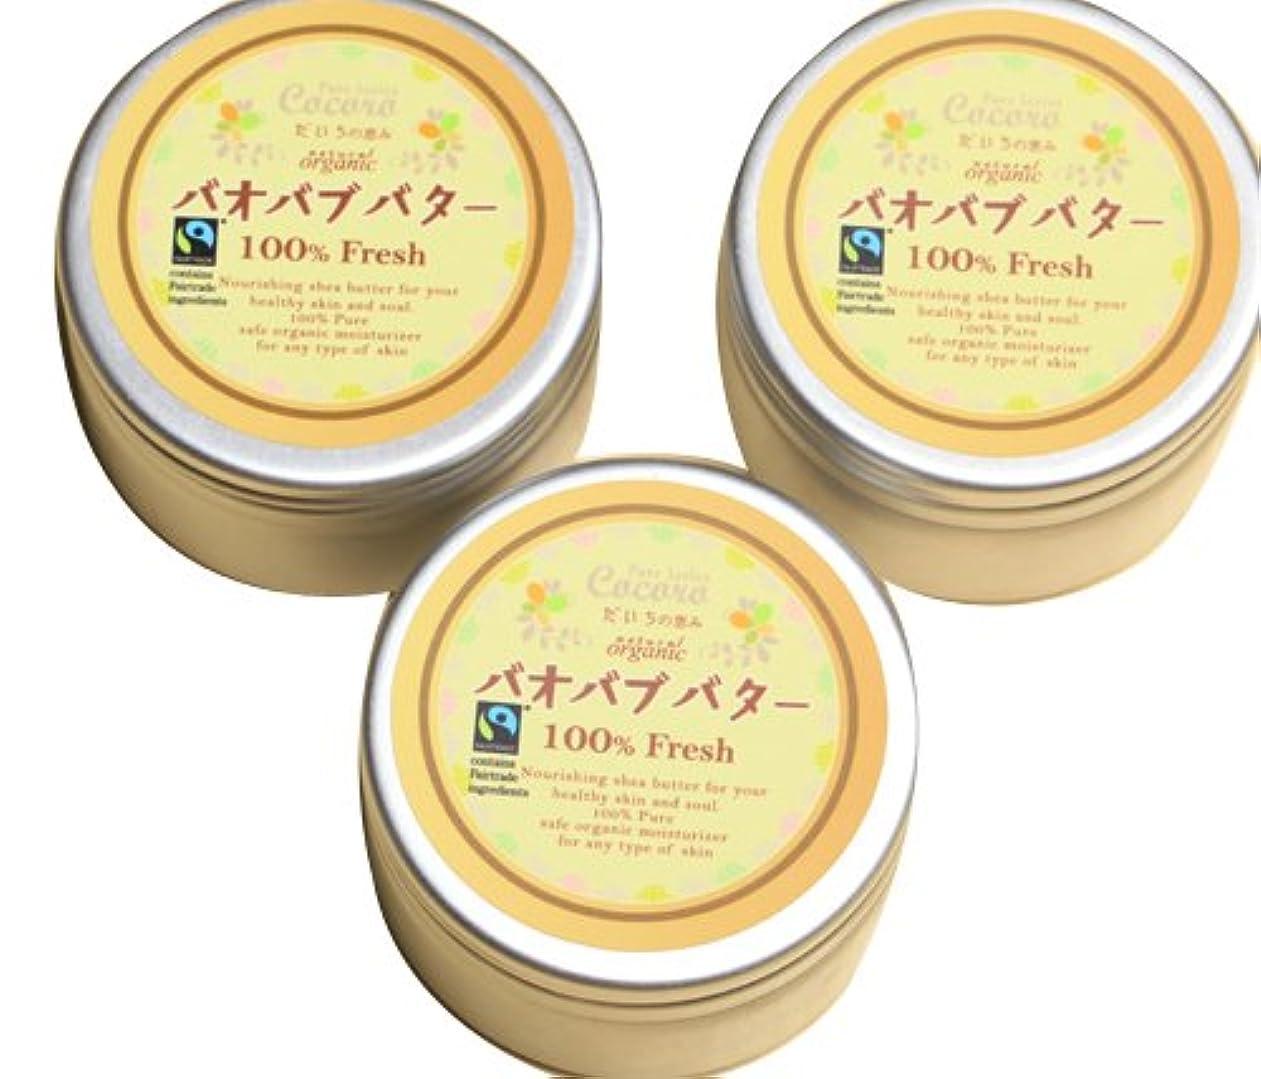 調整ペチュランスマリナーシアバターとバオバブオイルのブレンドバター フェアトレード認証つき 3個